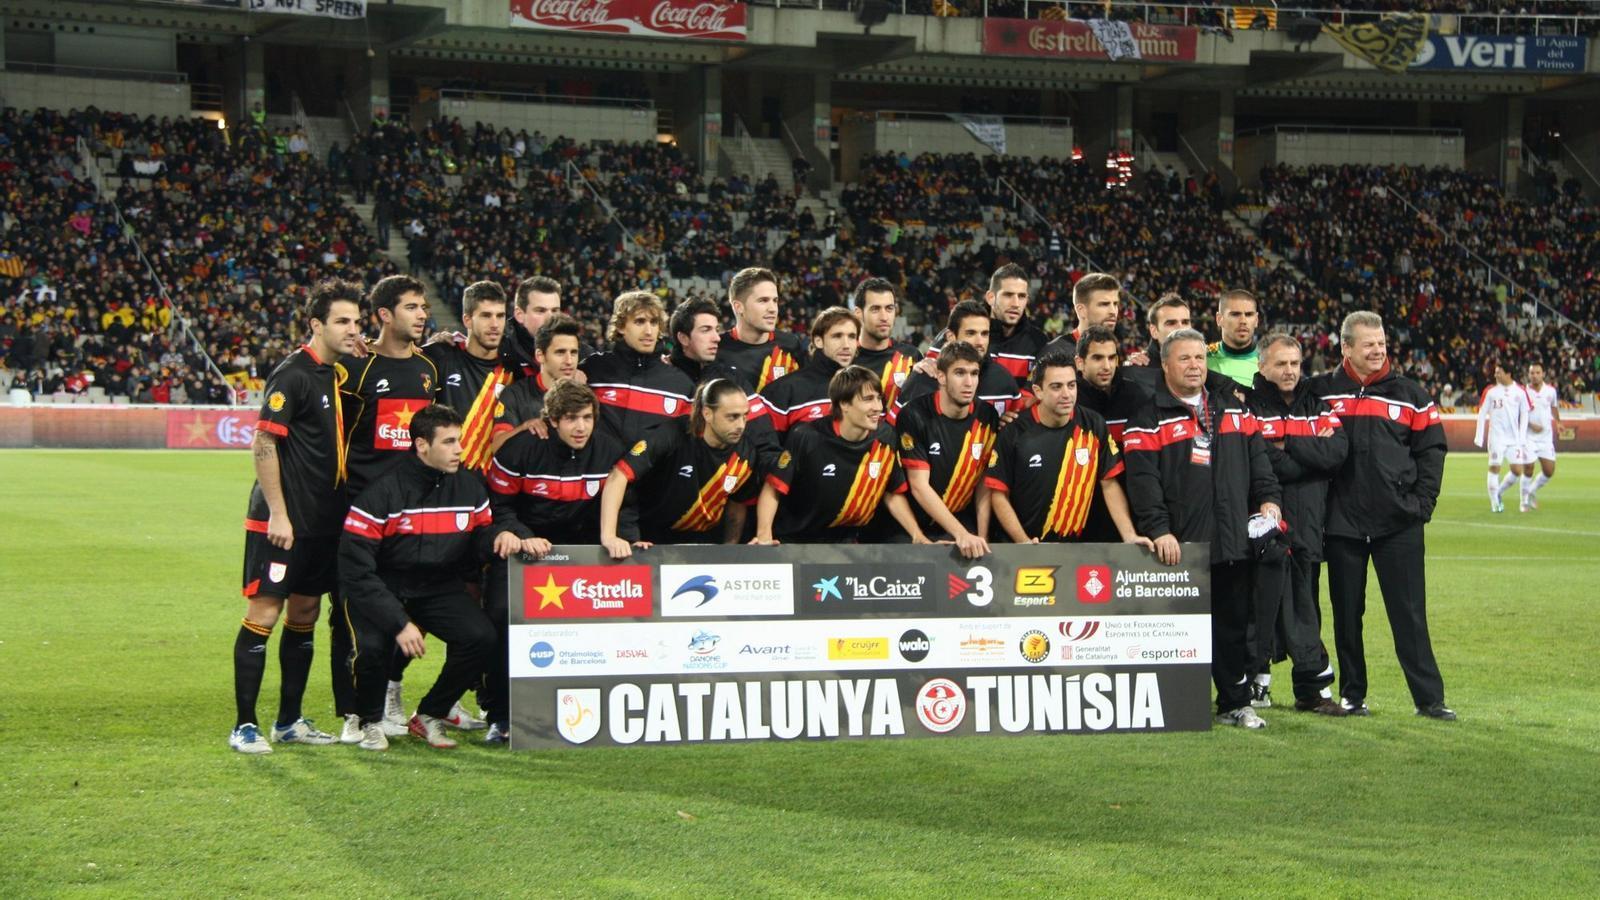 Imatge de l'últim partit de la selecció catalana   De futbol contra Tunísia.